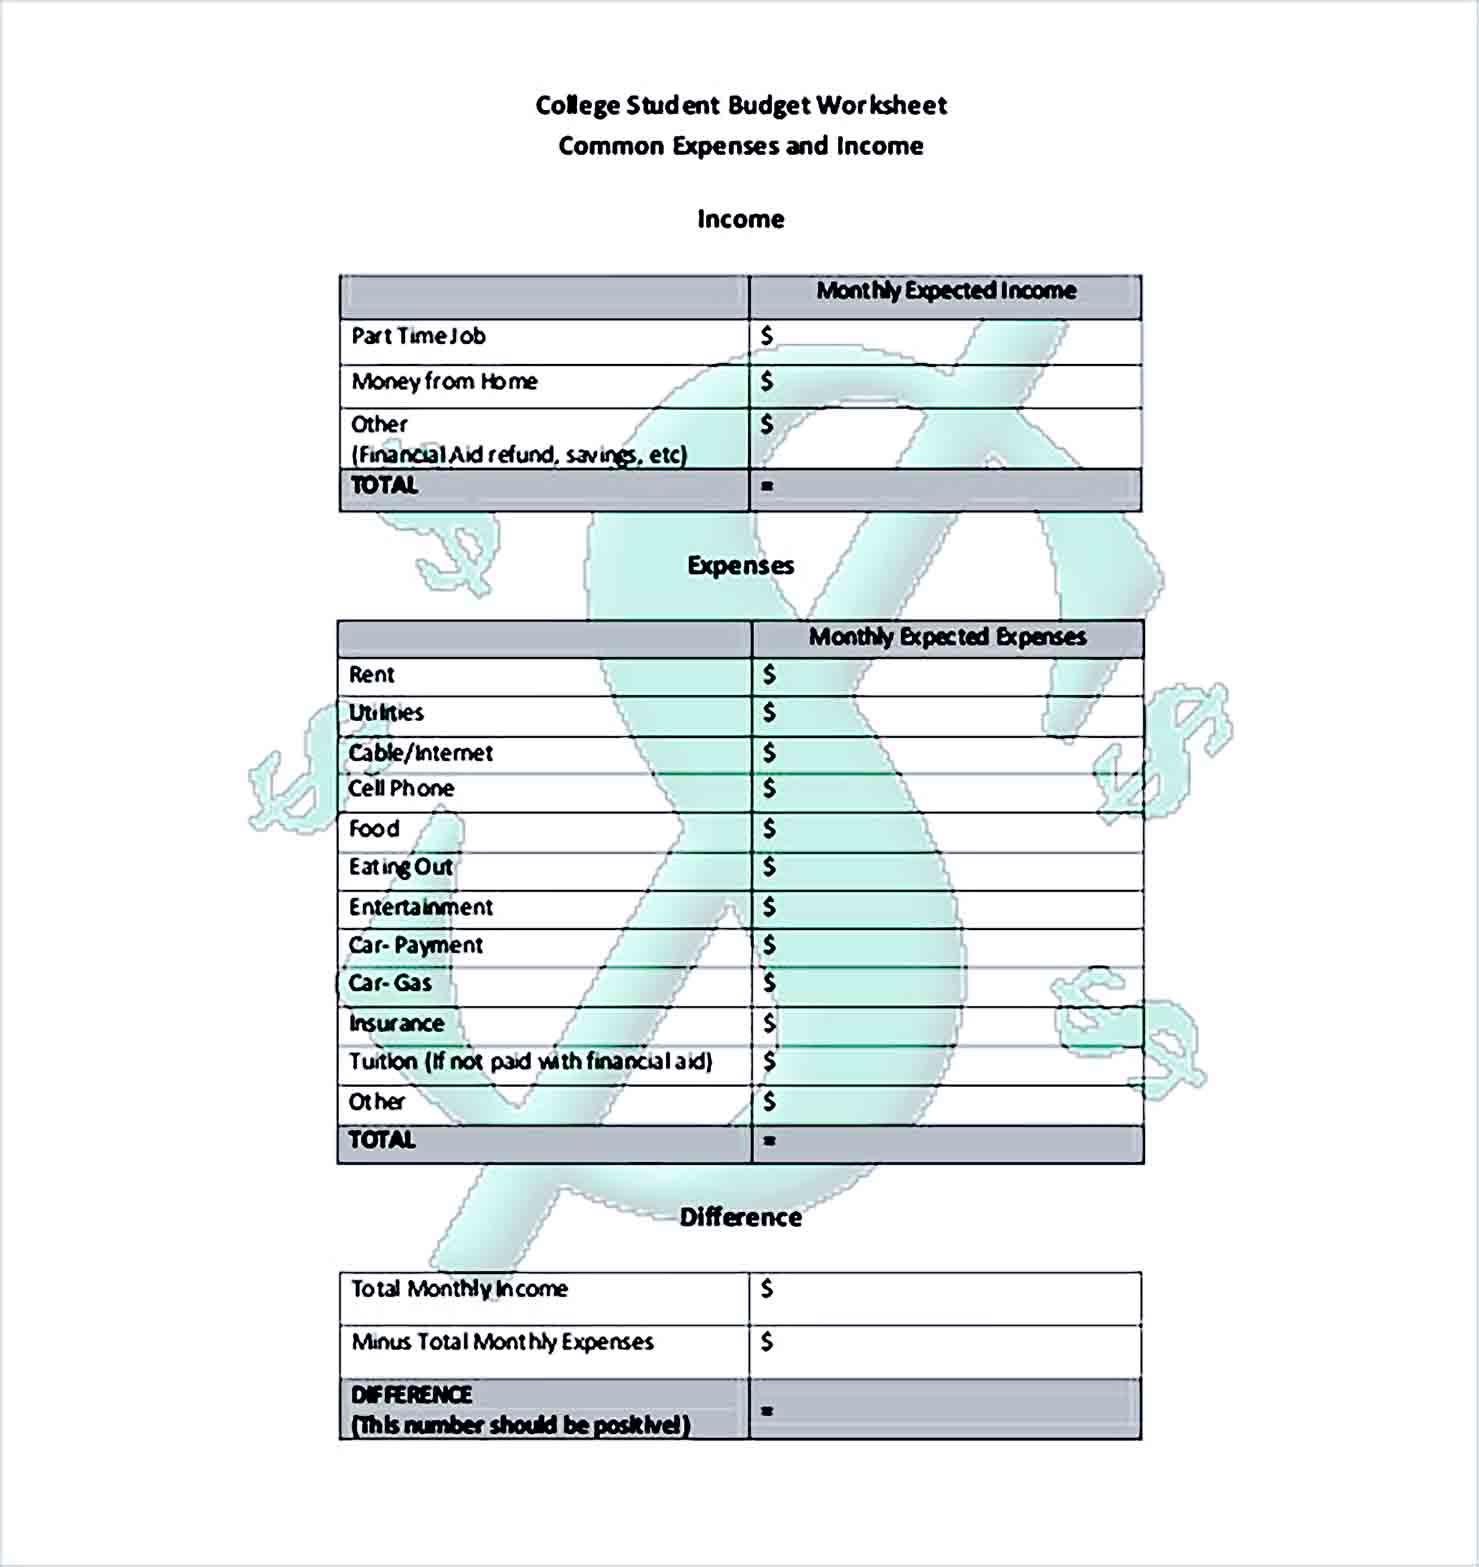 Sample college budget worksheet